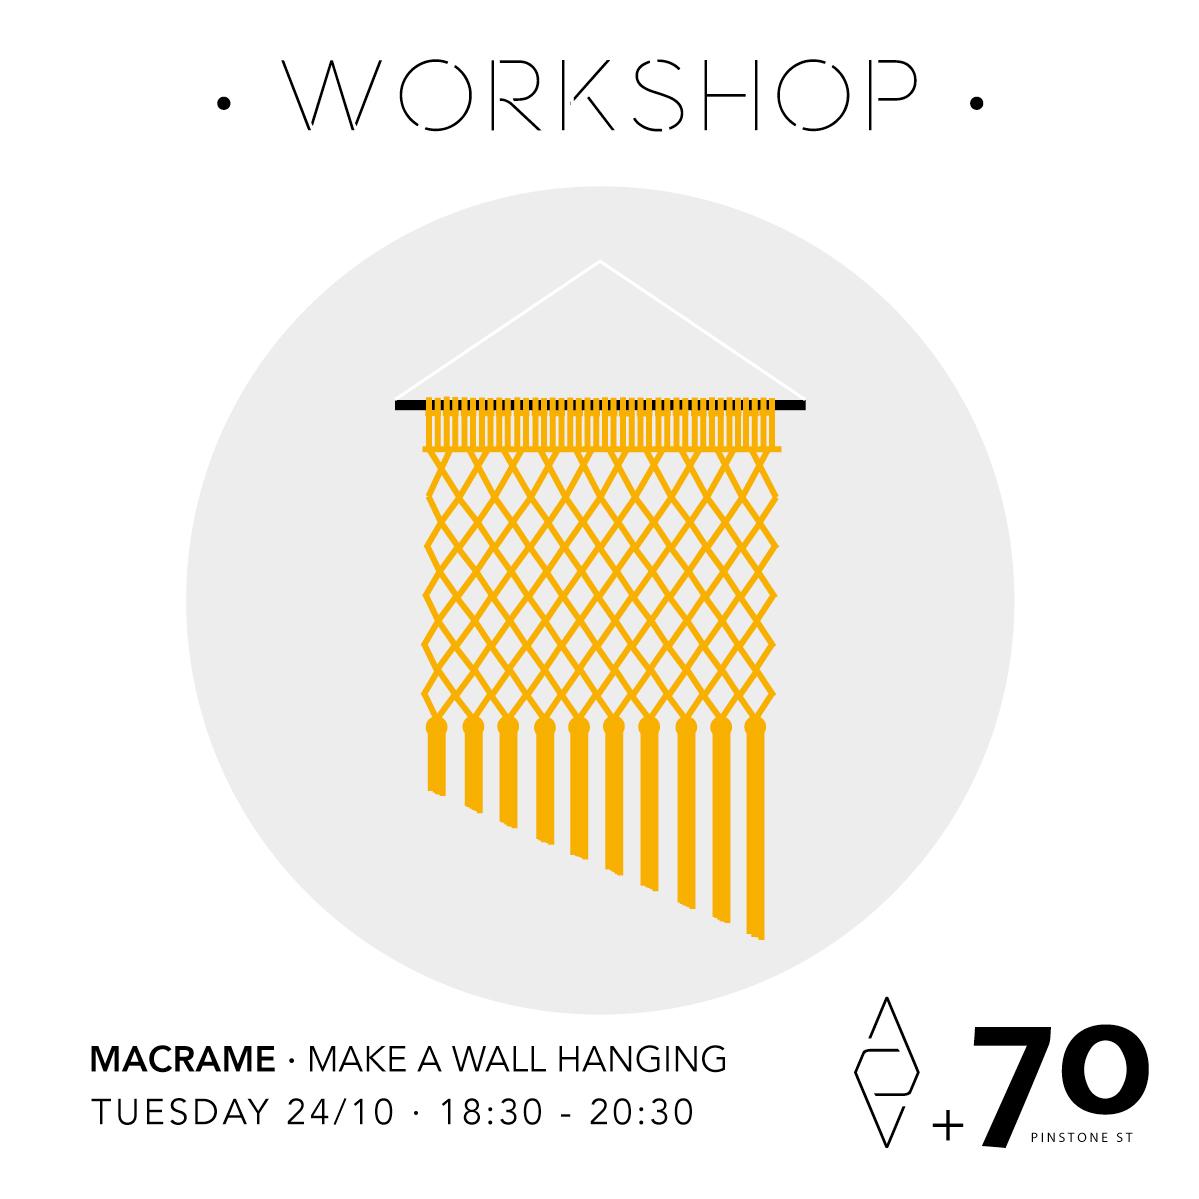 wall-hanging-workshop2.jpg